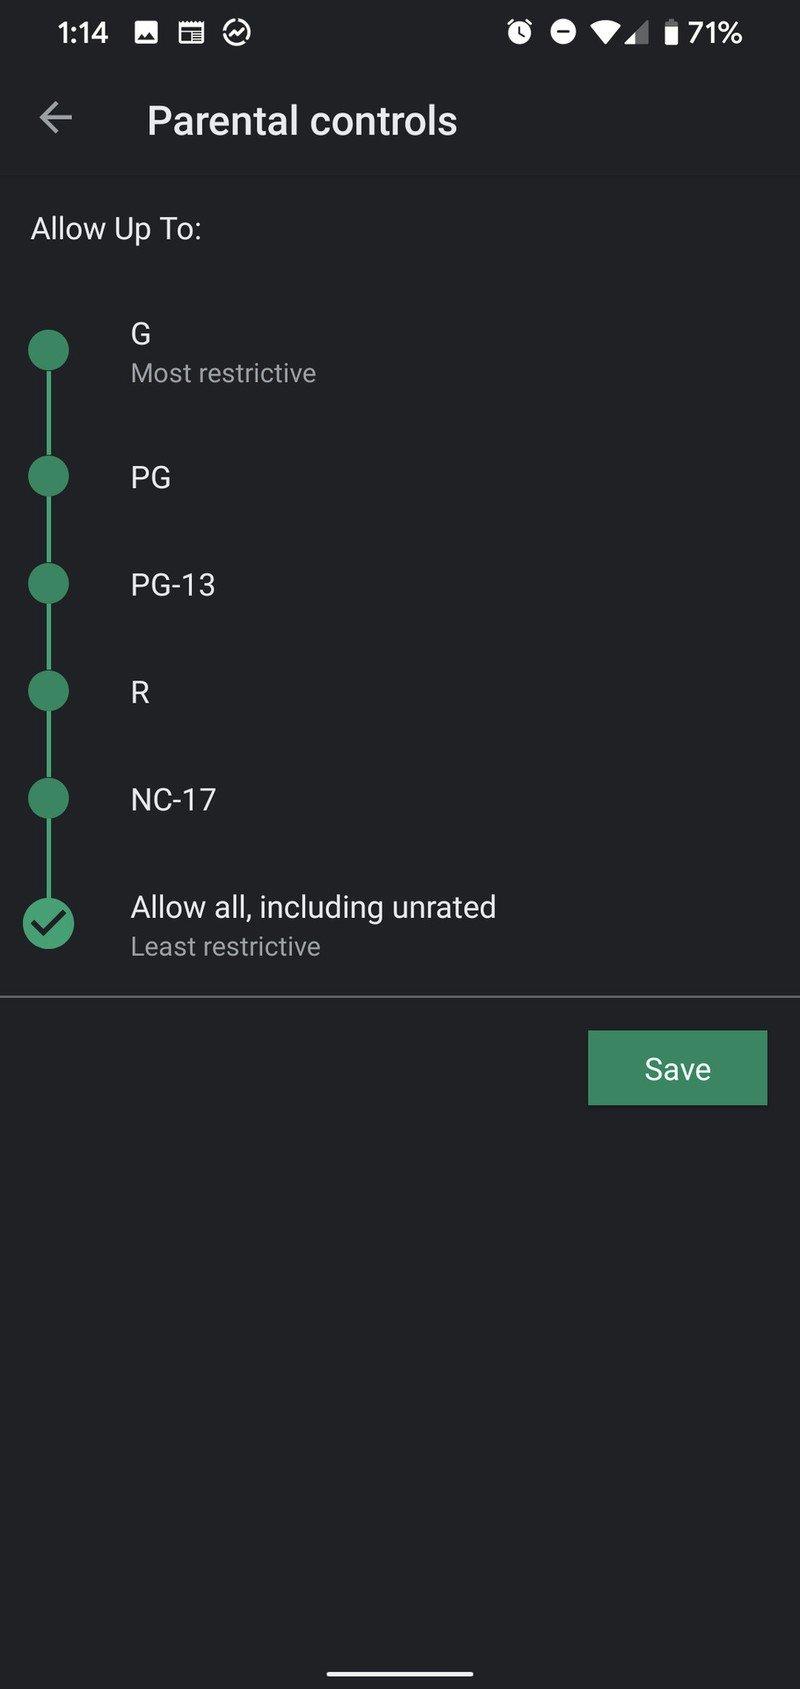 gplay-parental-controls-movies.jpg?itok=